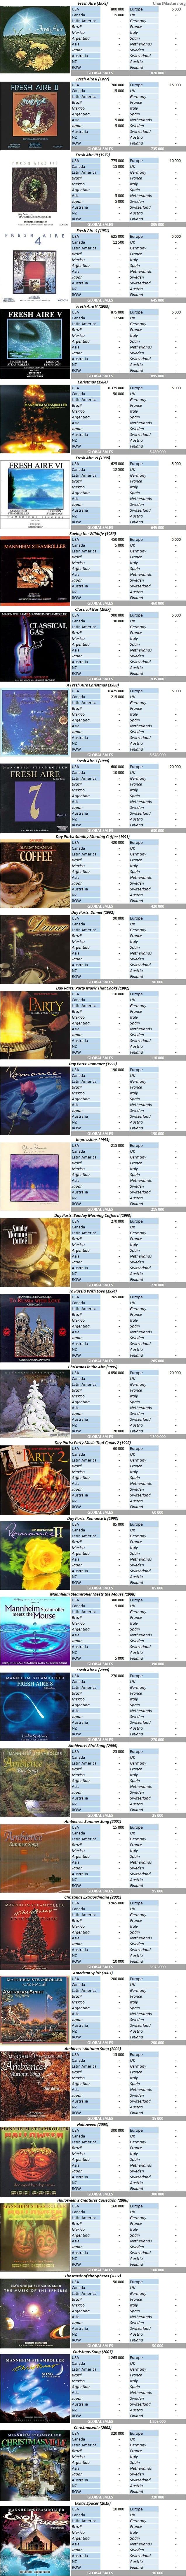 CSPC Mannheim Steamroller album sales breakdowns